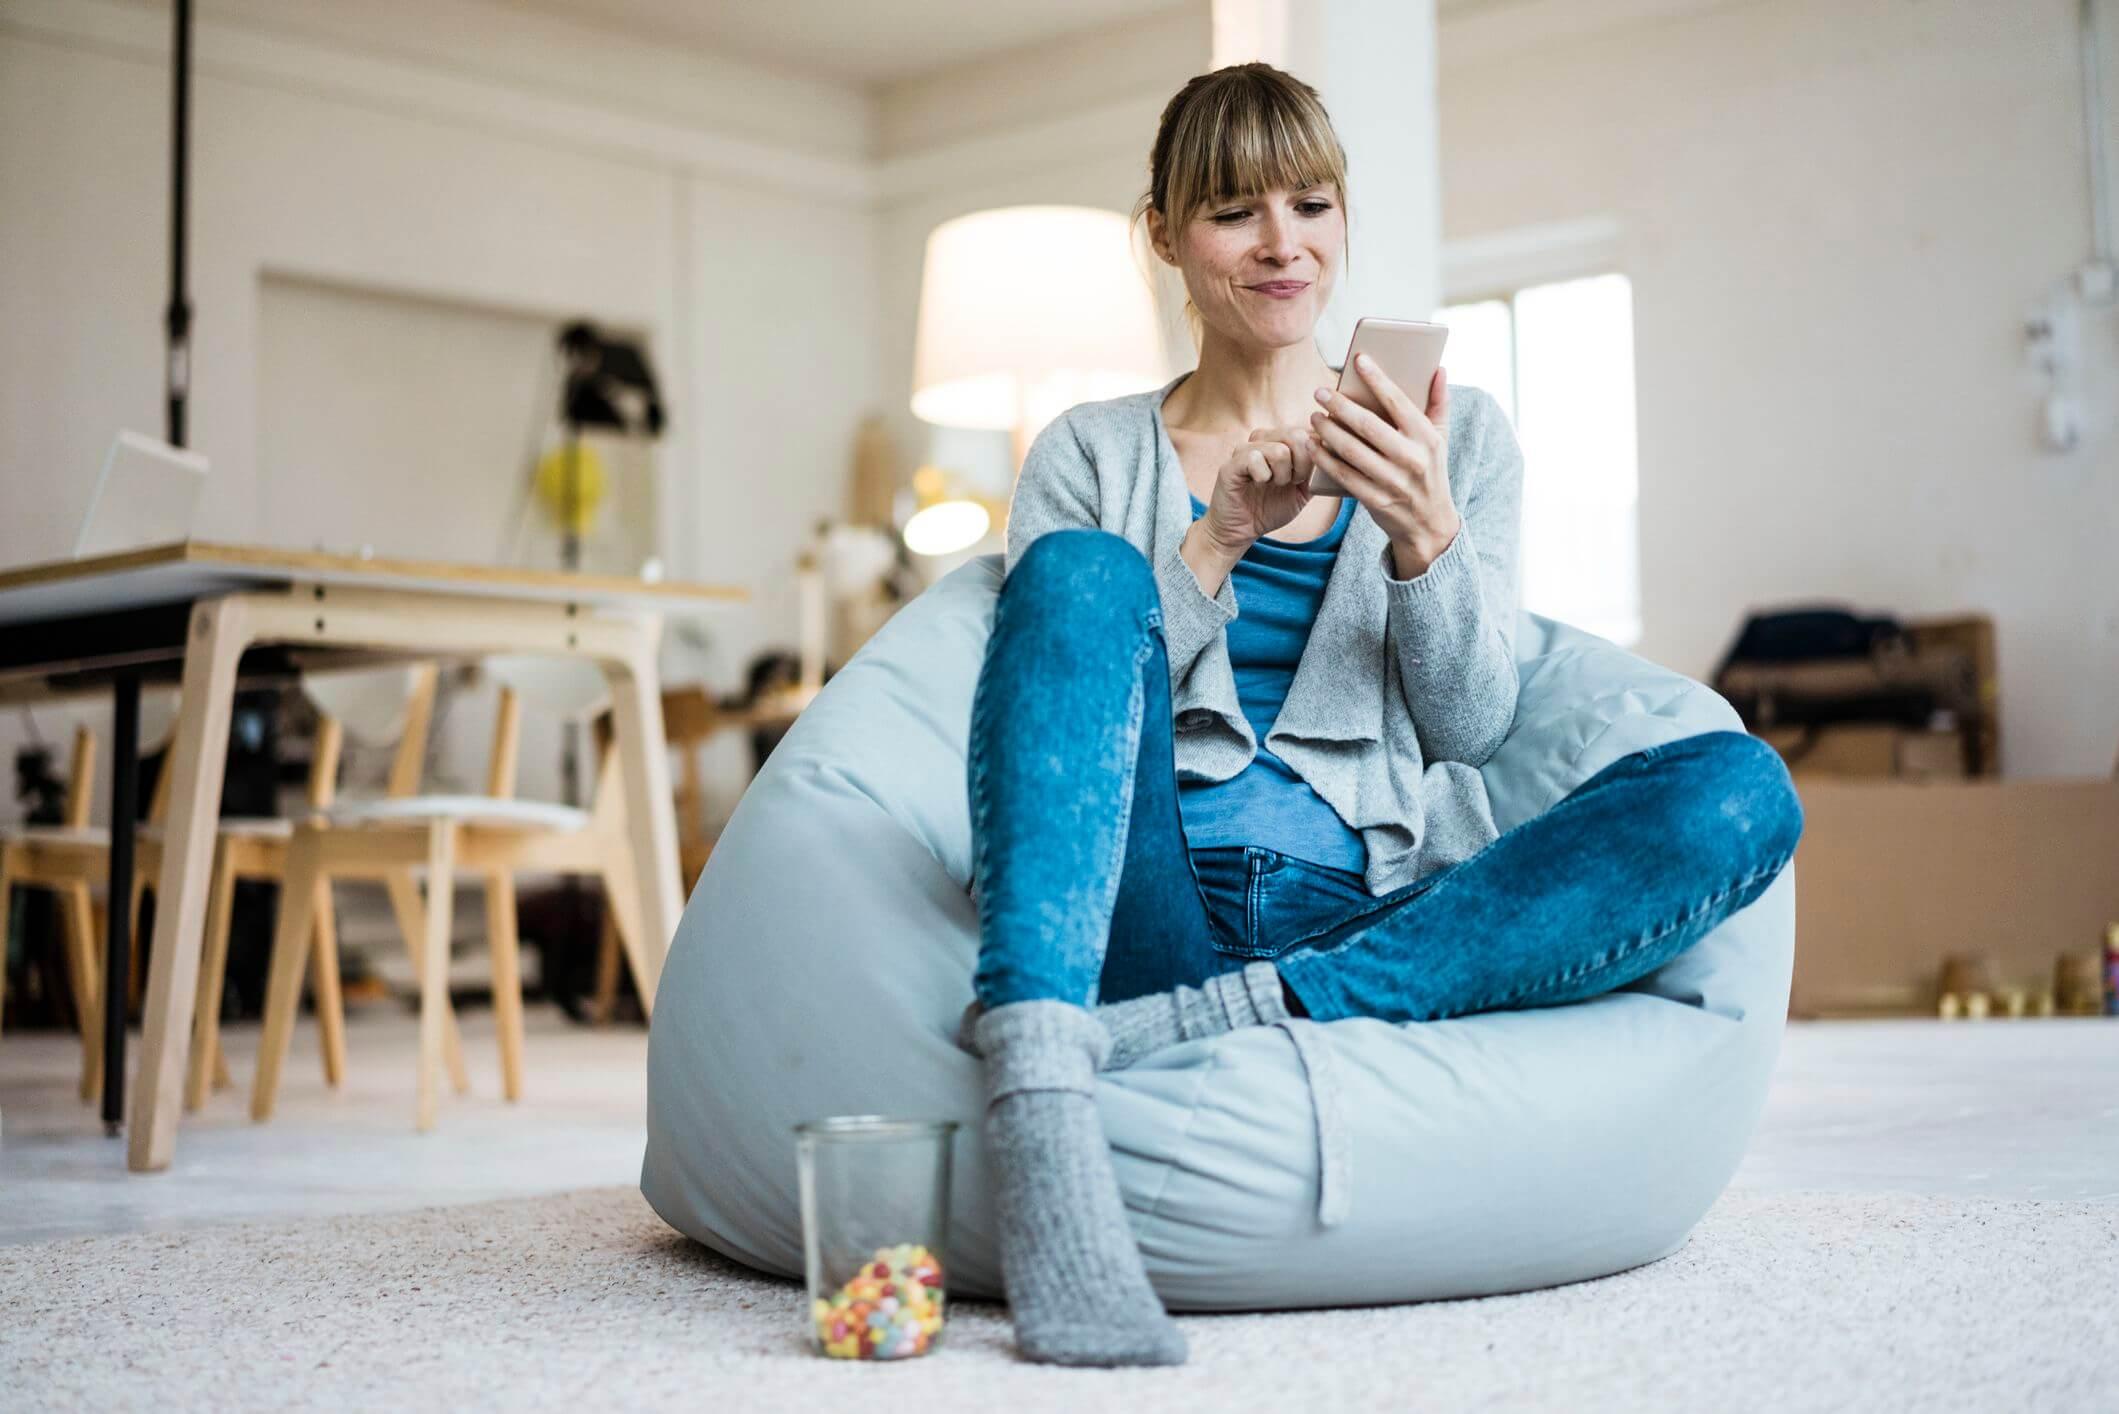 چرا هنوز اینترنت 5G نداریم؟ مشکلات اصلی سر راه 5G